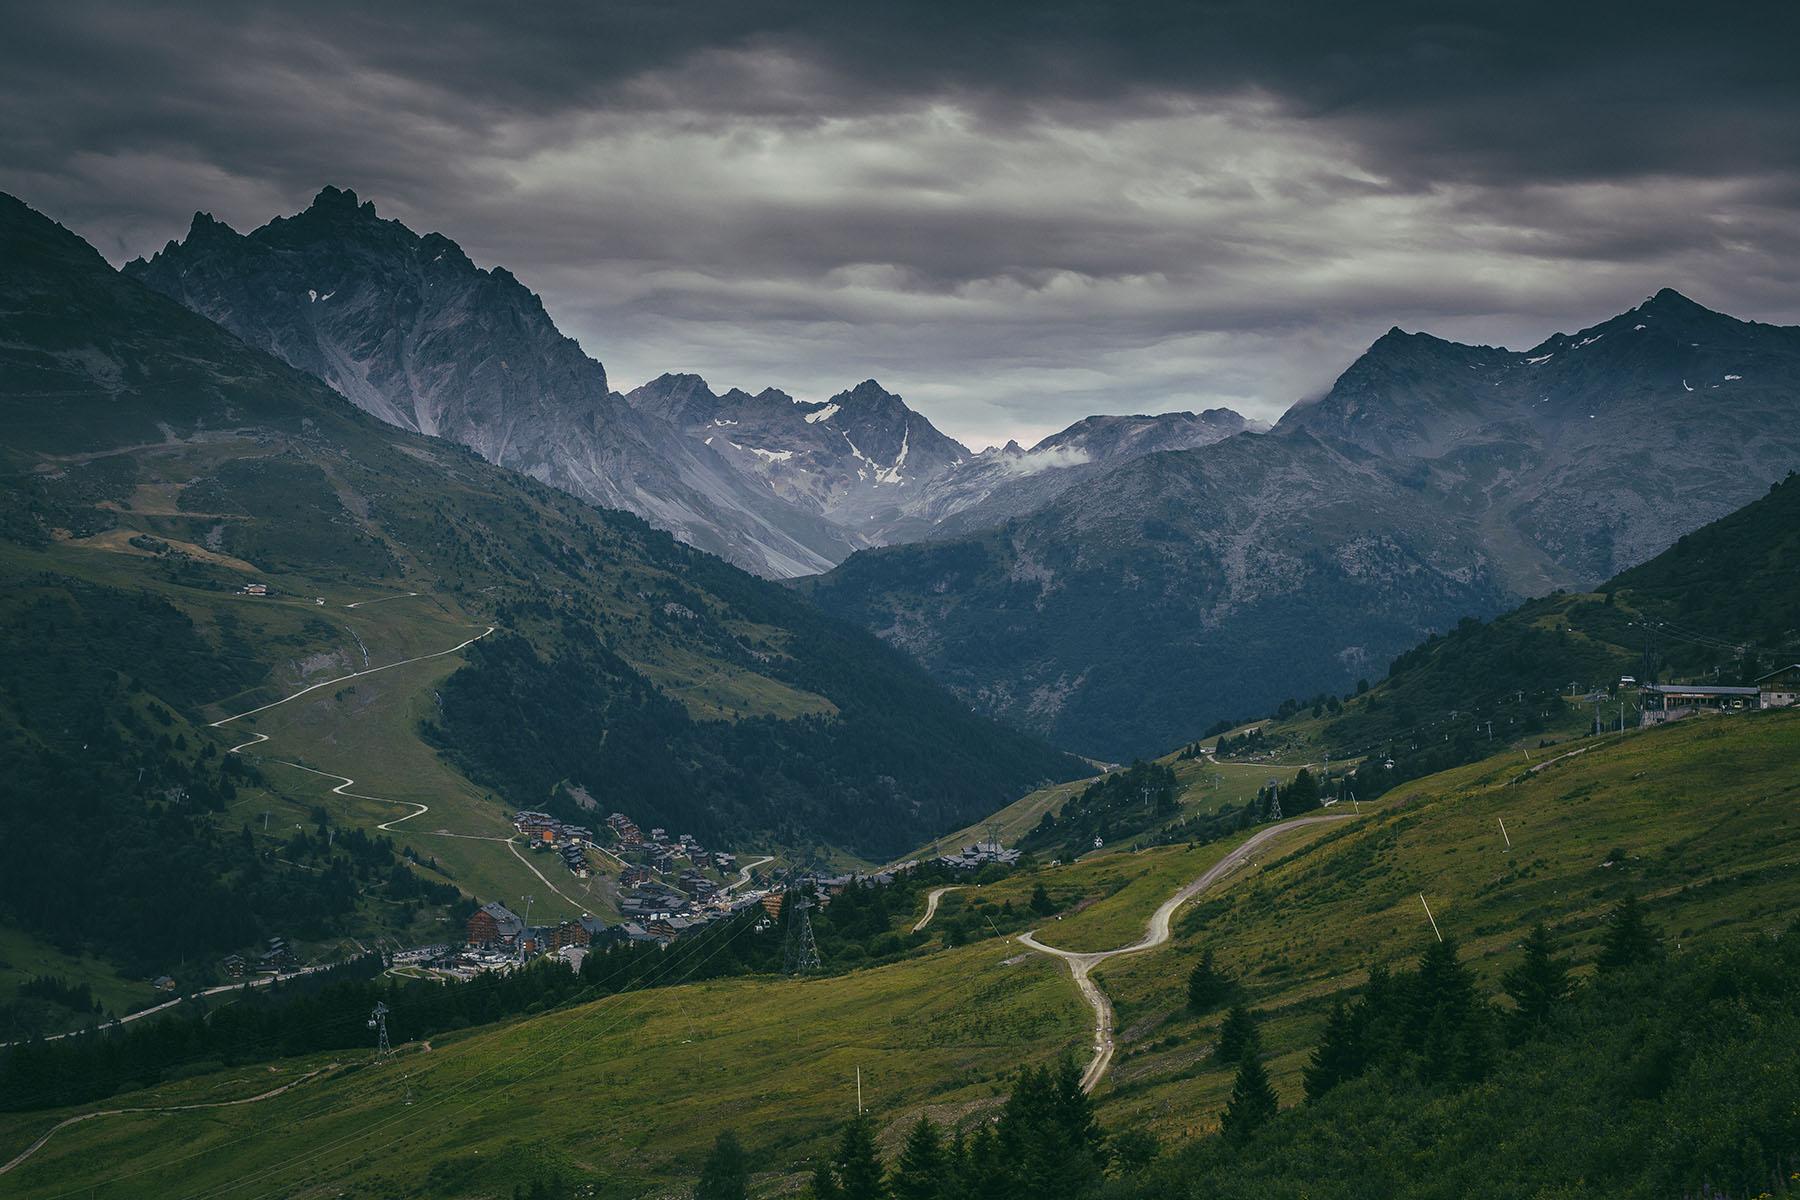 Eines der populärsten Skigebiete Europas - Méribel liegt auf 1.400 m im französischen Tarentaise Tal